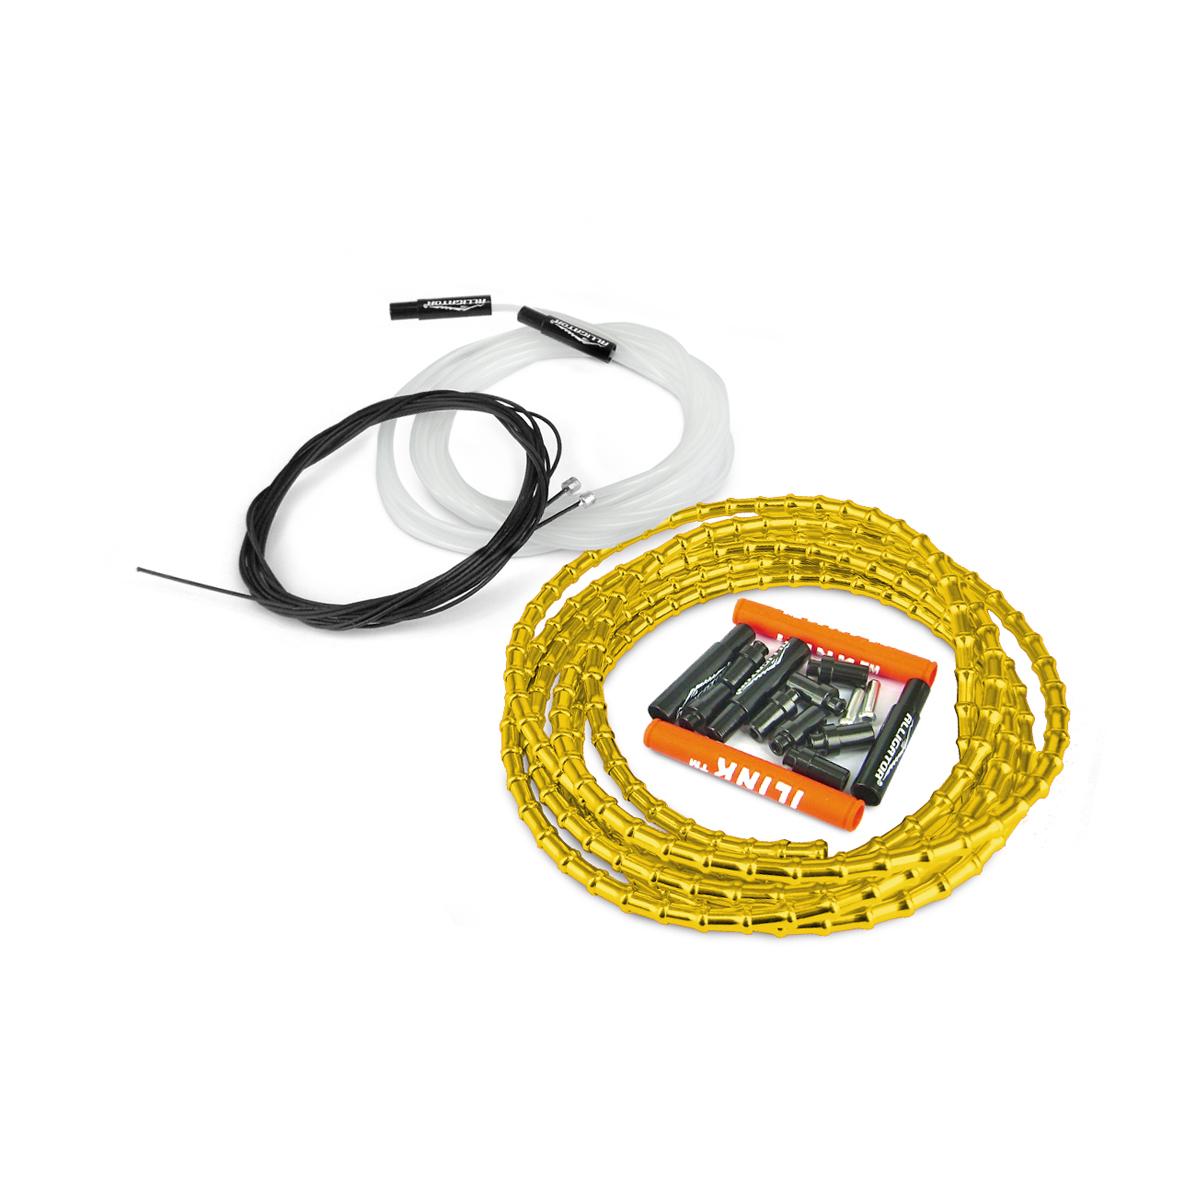 Kit Alligator ILINK frein VTT et route Or